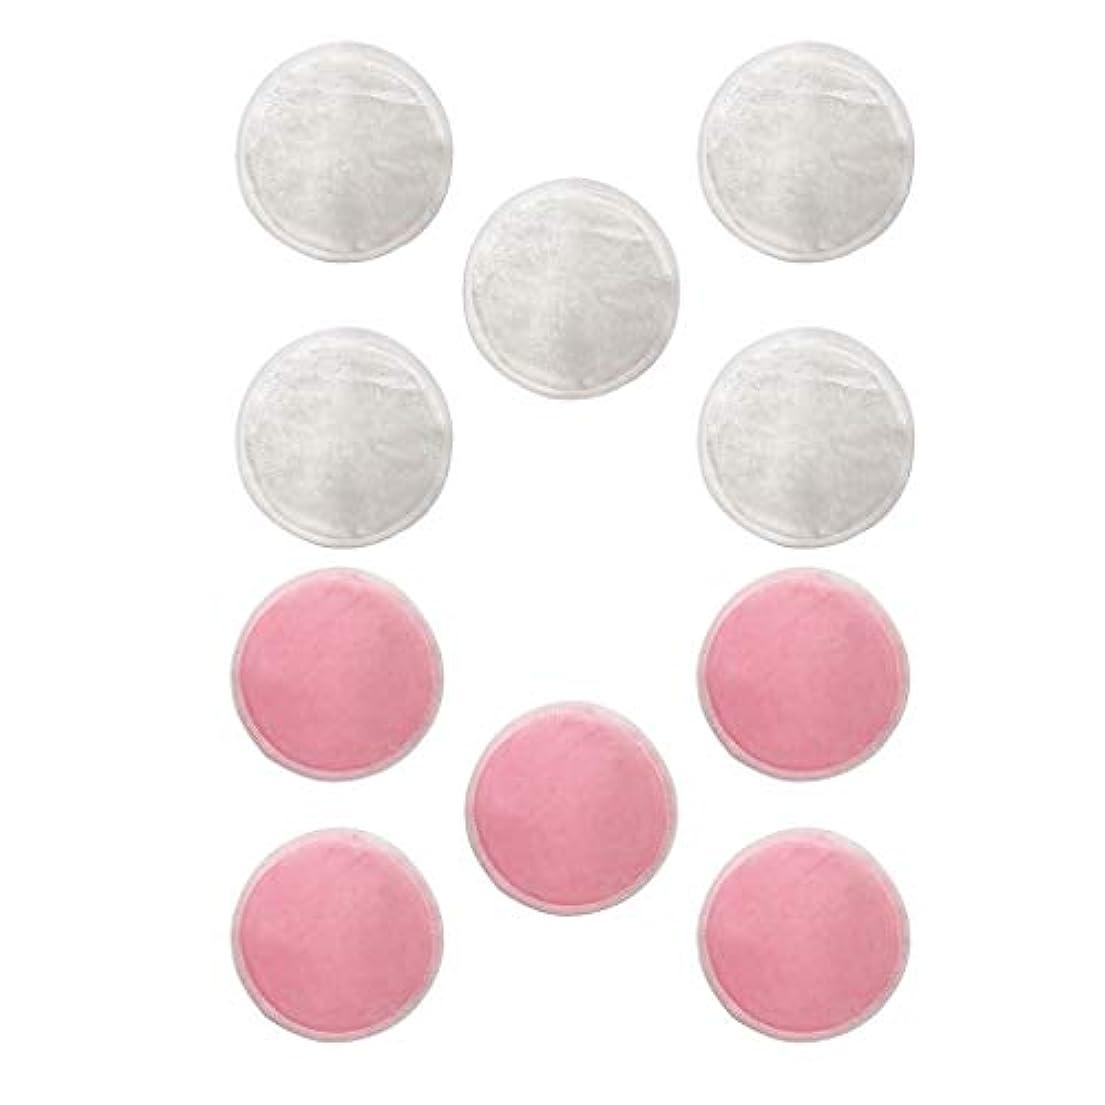 測る横向き真似るdailymall Natural Rounds 10 Packs-顔用の再利用可能な竹繊維メイク落としパッド-再利用可能なフェイシャルコットンラウンド